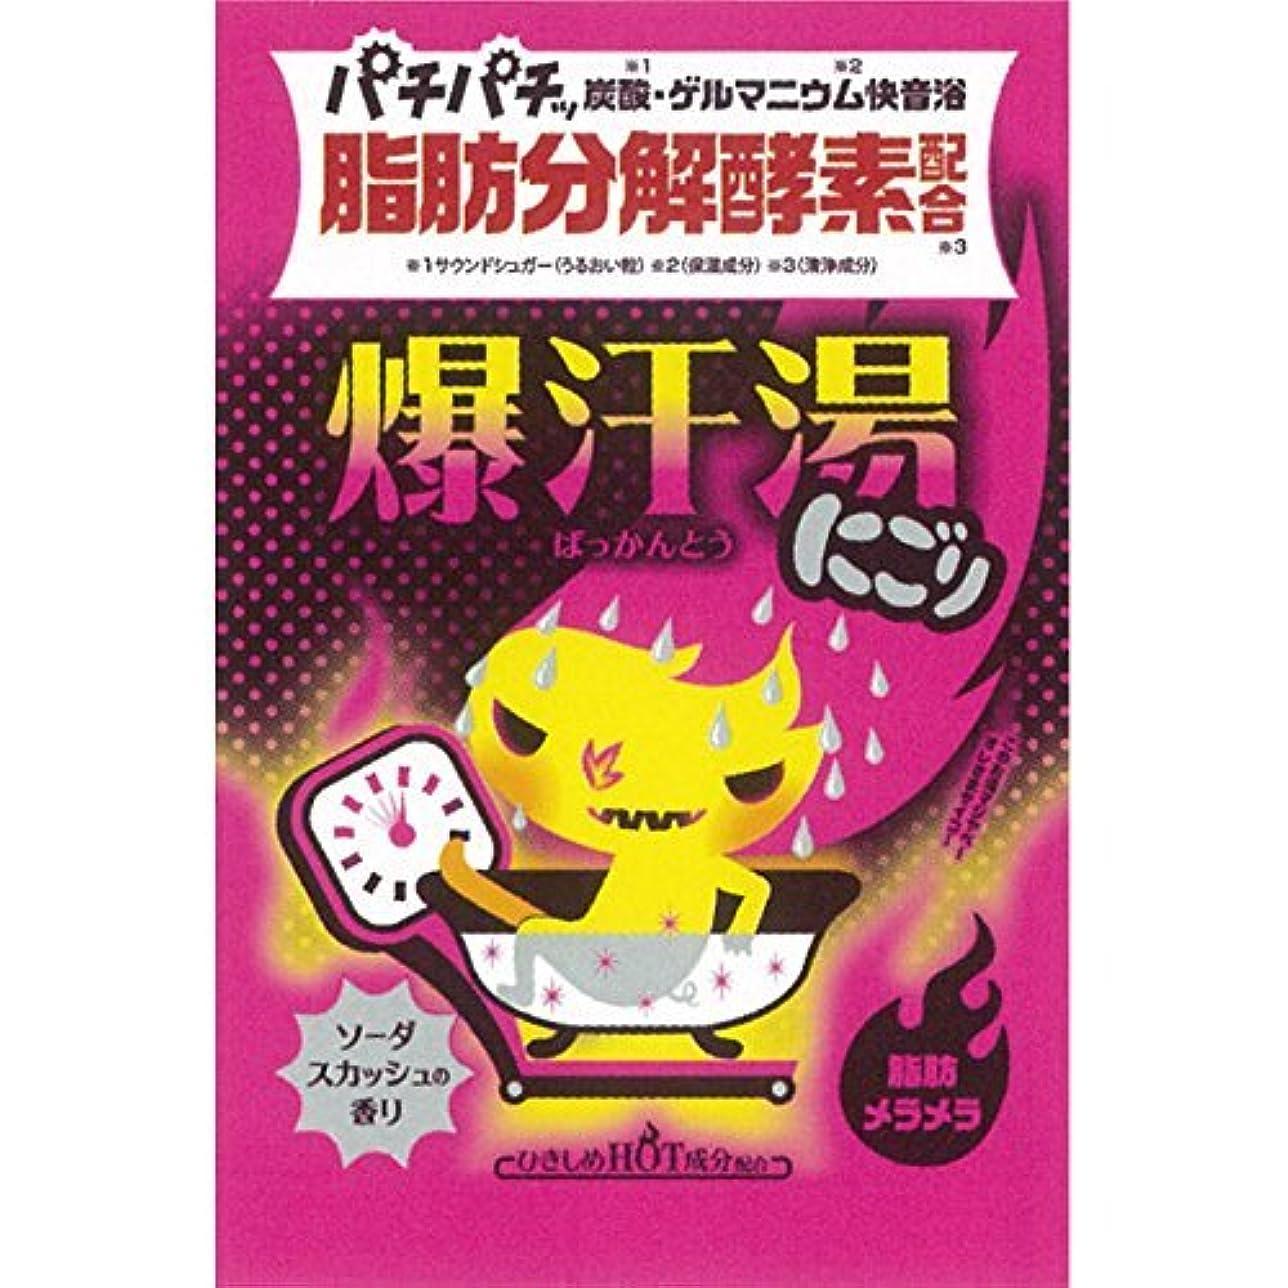 異邦人バランスのとれた振る舞い爆汗湯 ゲルマニウム快音浴 にごり ソーダスカッシュの香り(入浴剤)